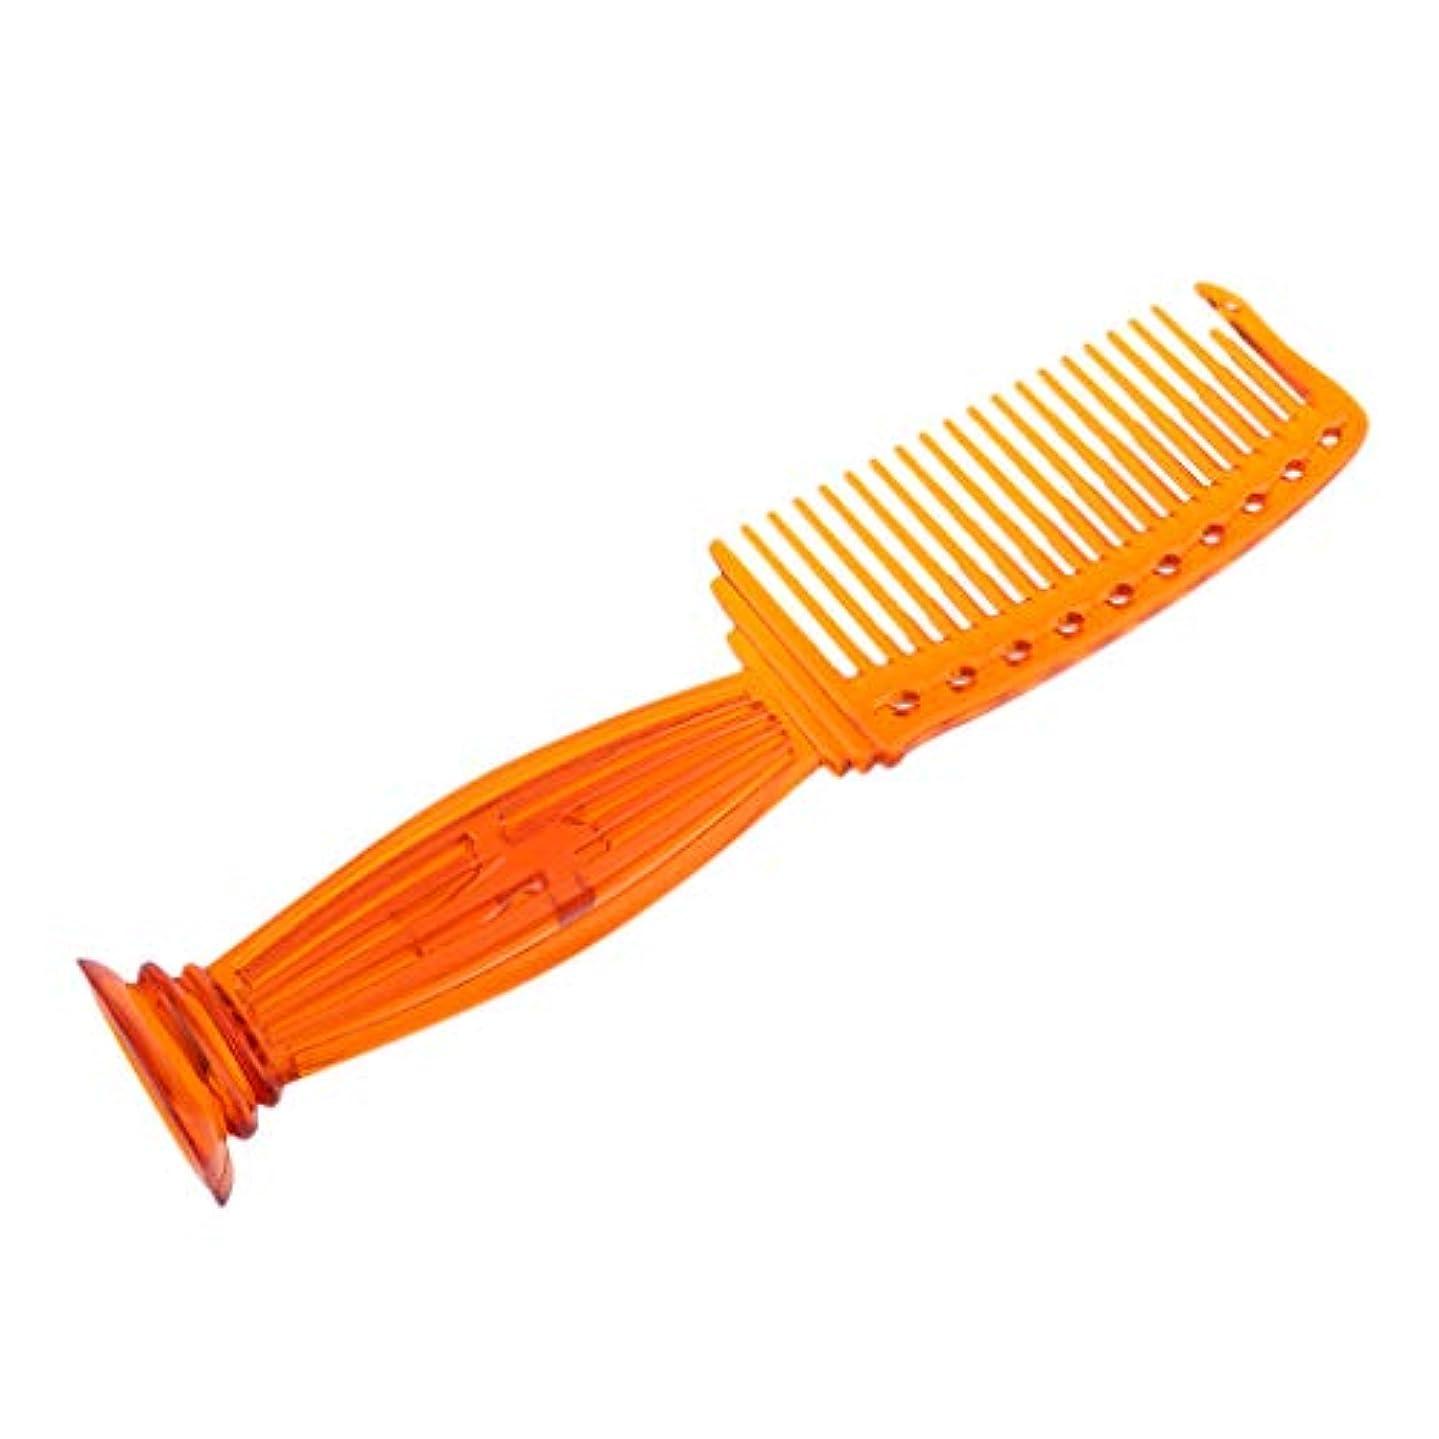 口径ラグきらめくヘアコーム ヘアブラシ プラスチック櫛 ワイド歯 プロ ヘアサロン 理髪師 全5色選べ - オレンジ